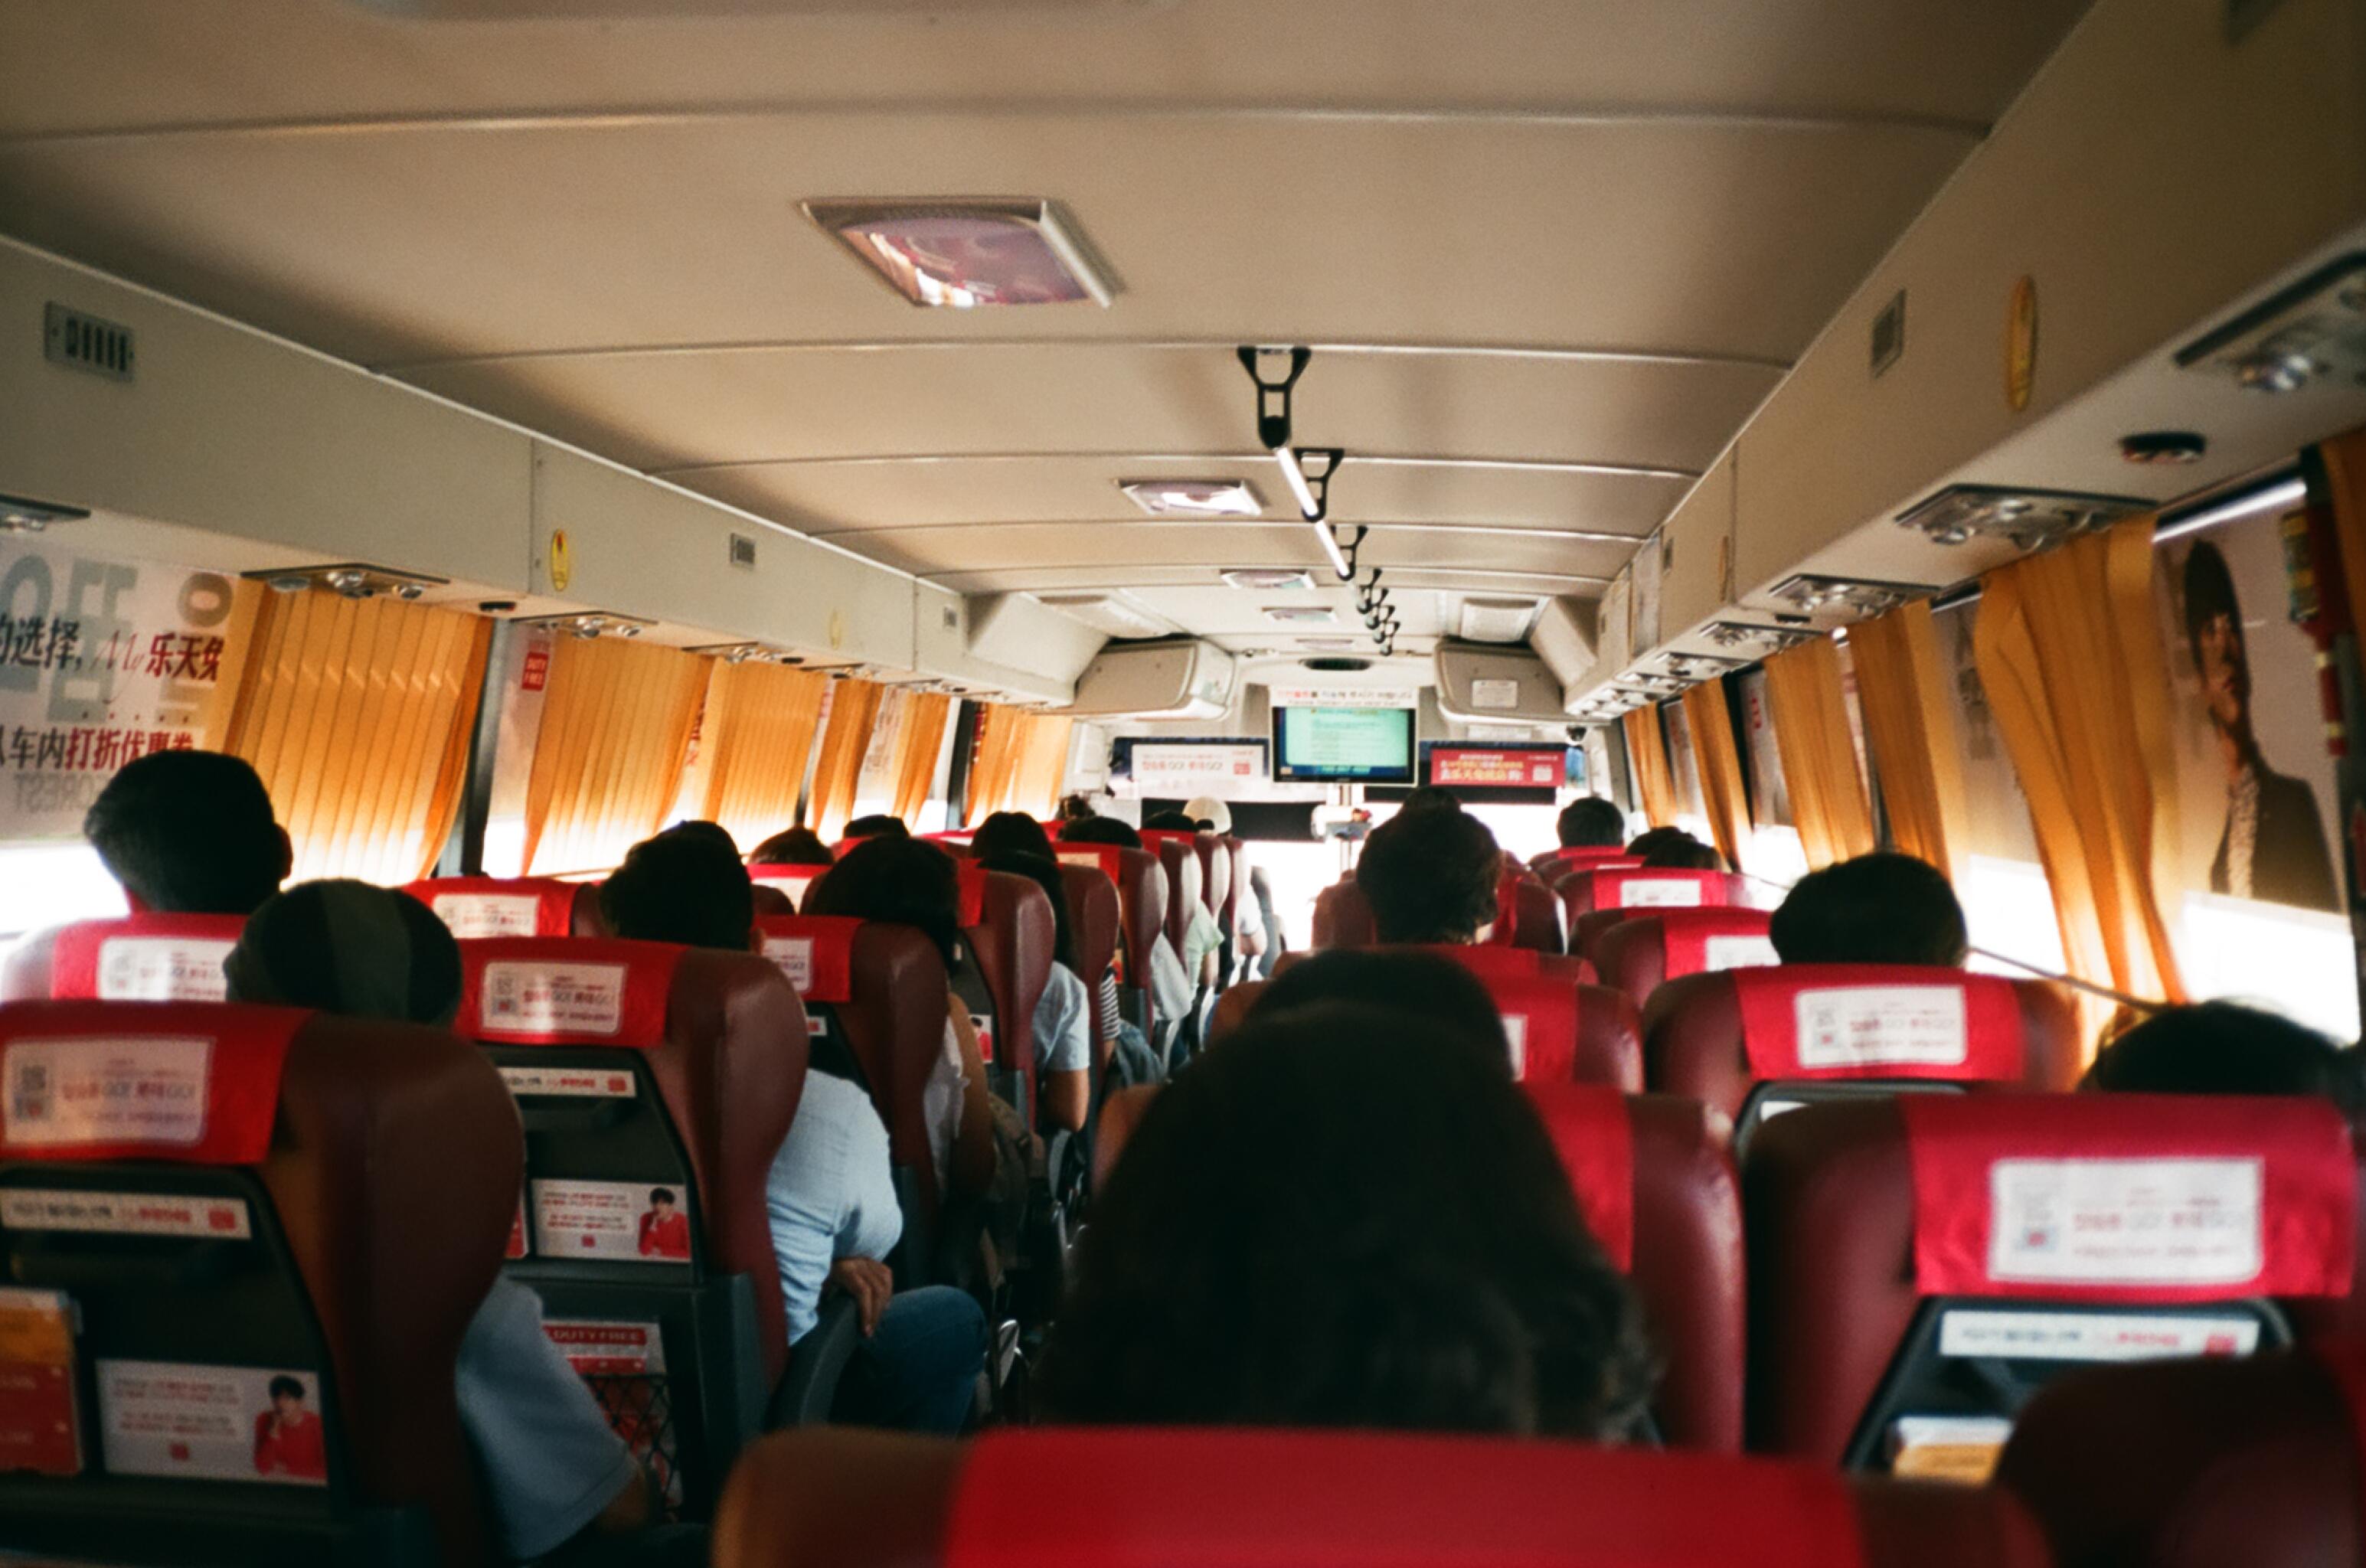 240번 버스사건으로 떠올려본 일본의 버스문화